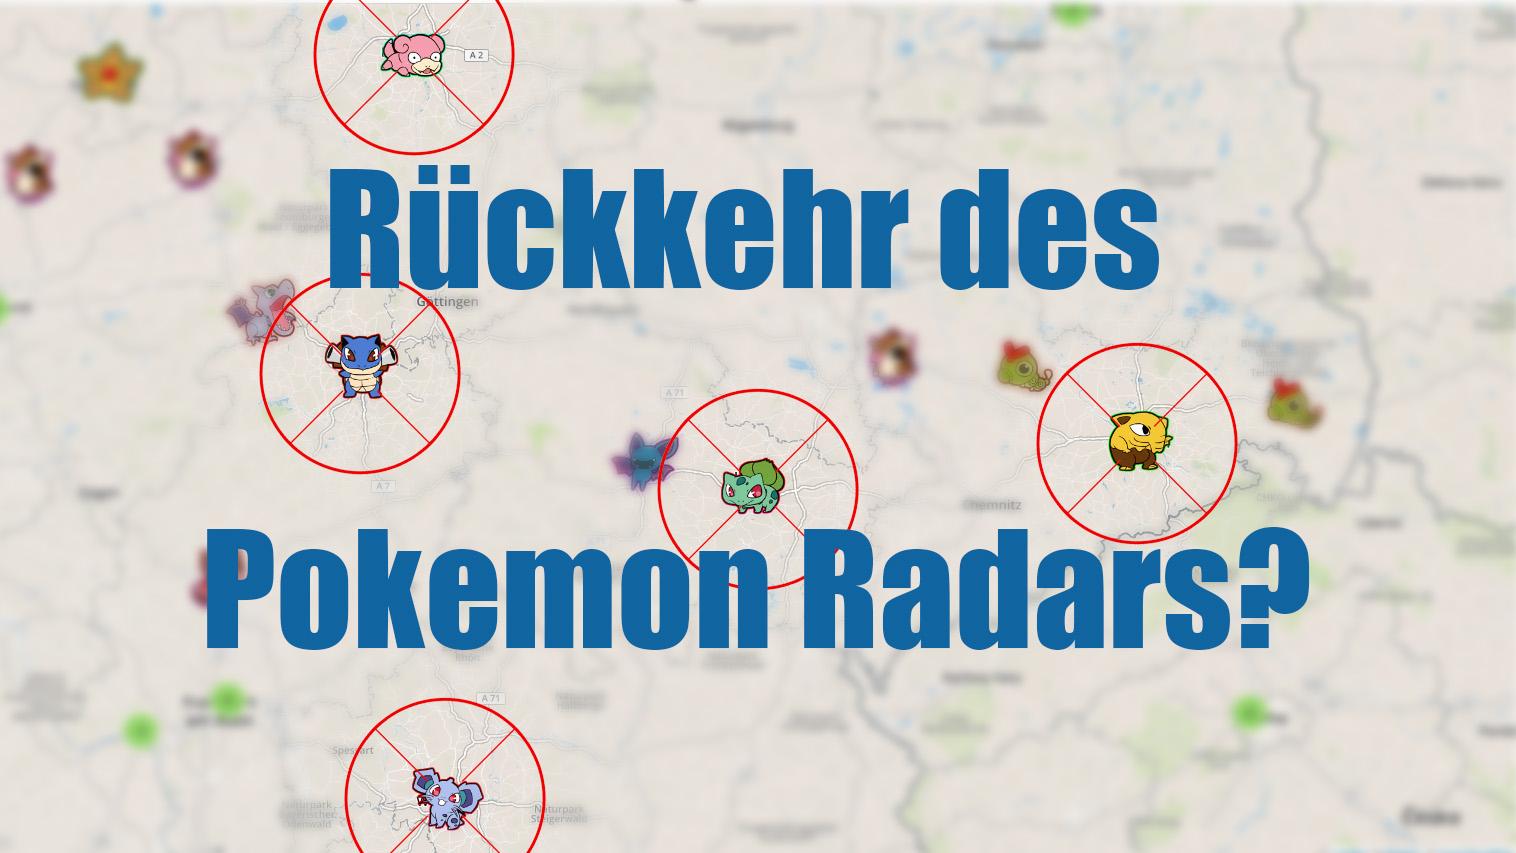 Pokémon Go - API geknackt  Rückkehr der Tracker wahrscheinlich